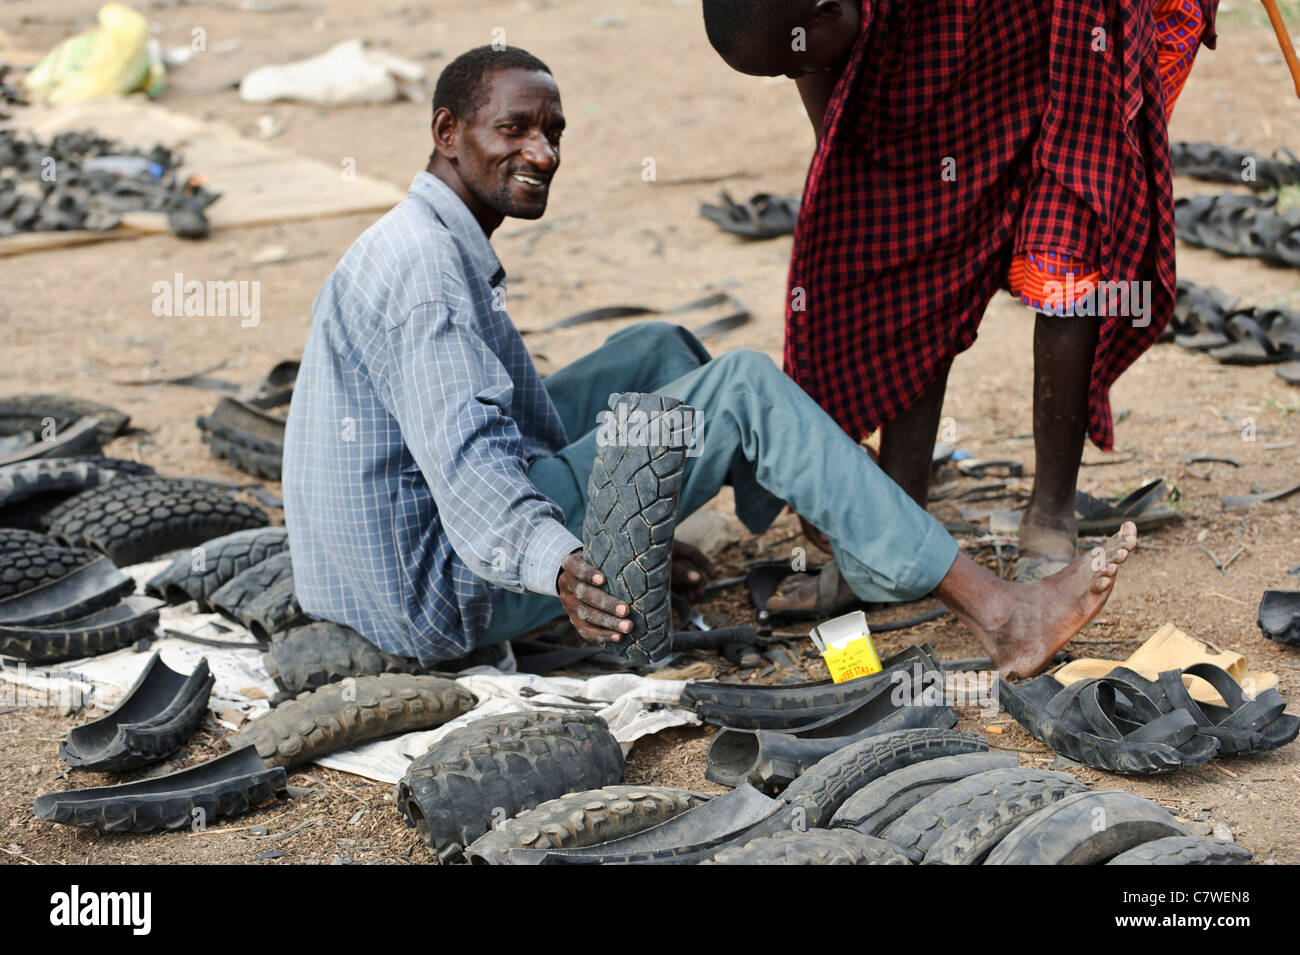 masai h ndler verkaufen schuhe aus recycelten autoreifen auf einem wochenmarkt meserani. Black Bedroom Furniture Sets. Home Design Ideas